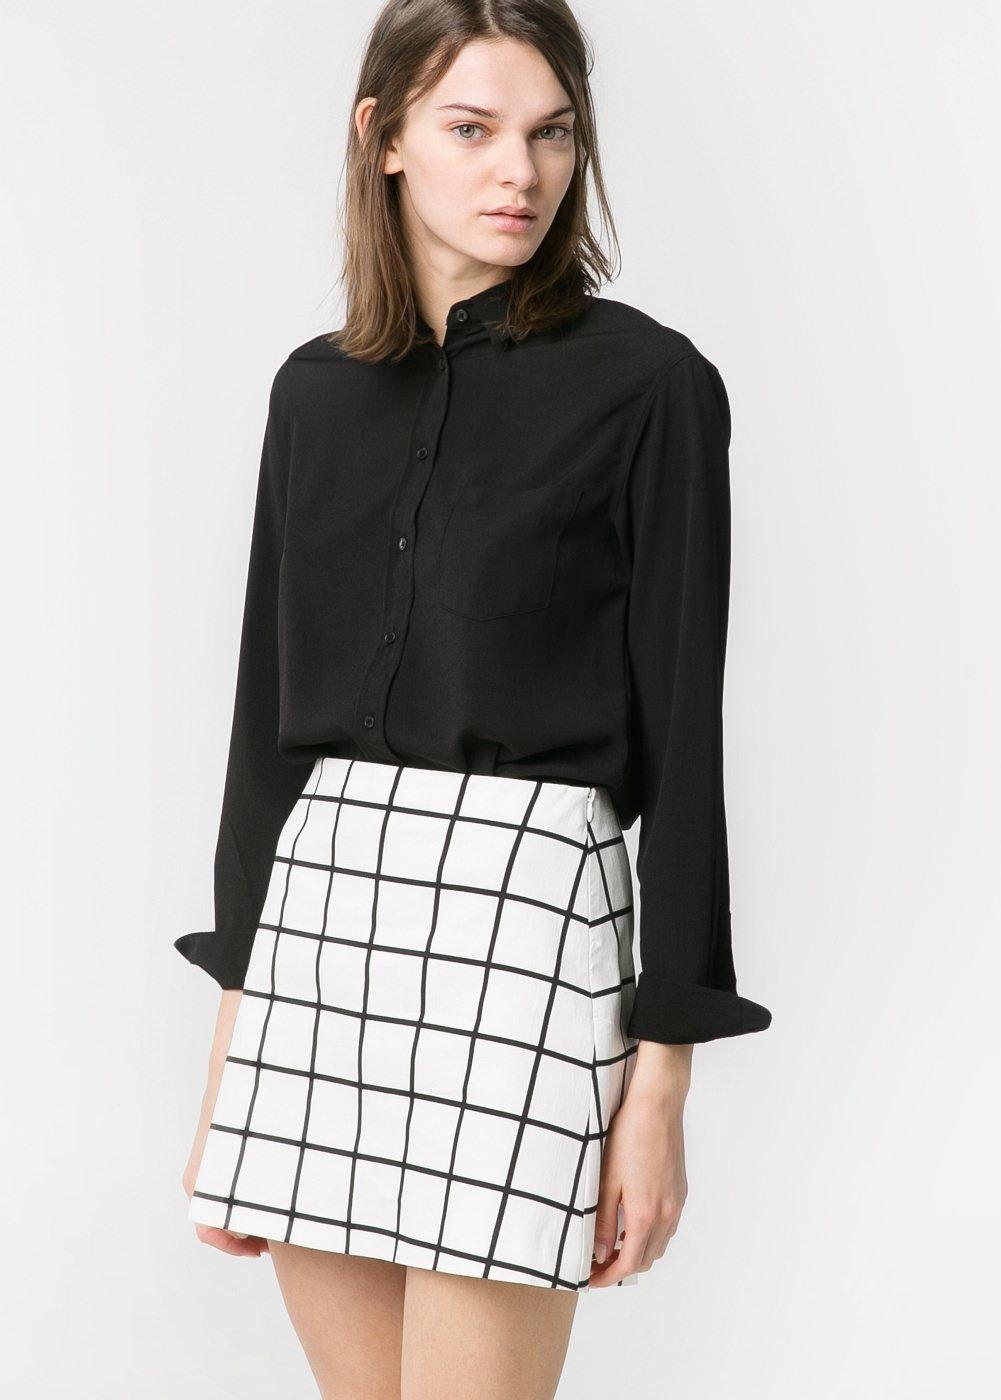 Falda bicolor cuadros -  Vestidos - Mujer - MANGO